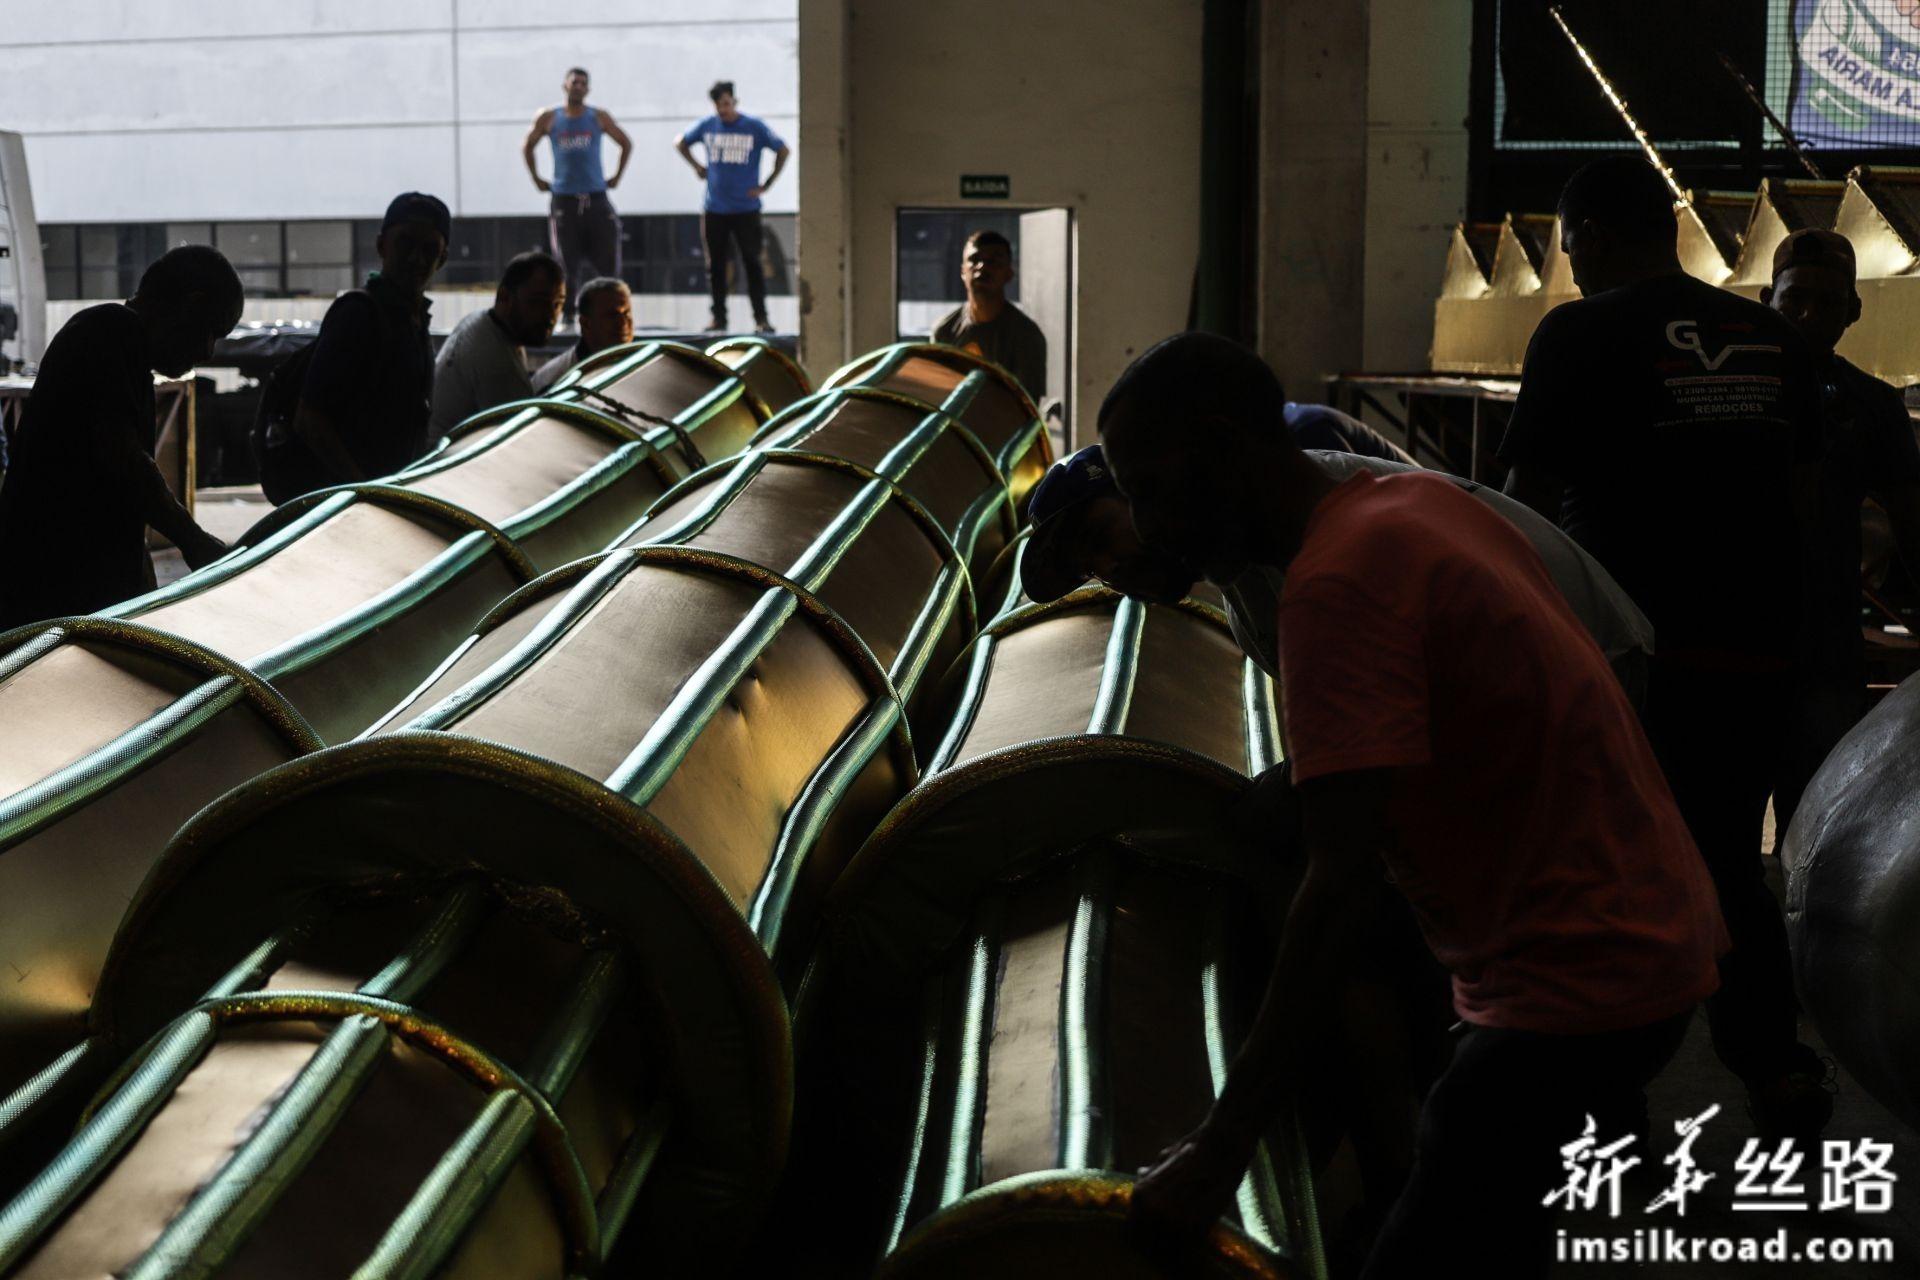 """2月14日,巴西圣保罗著名桑巴舞校""""玛丽亚镇联合""""的工作人员在工坊里制作彩车。新华社发(拉赫尔·帕特拉索摄)"""